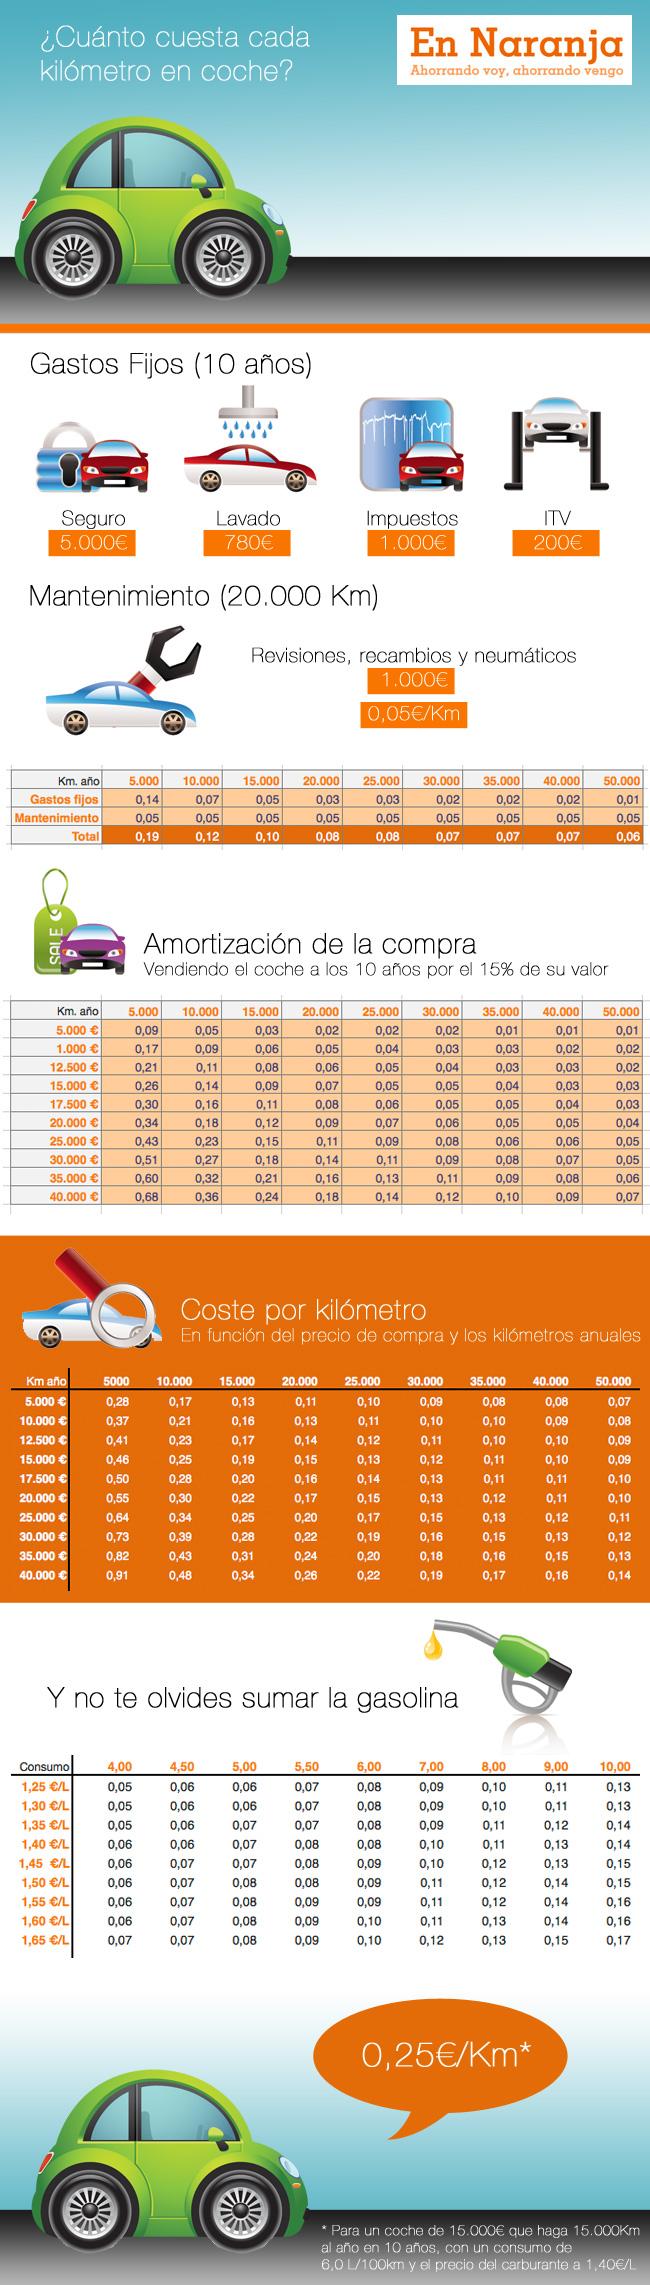 Consumo en coche